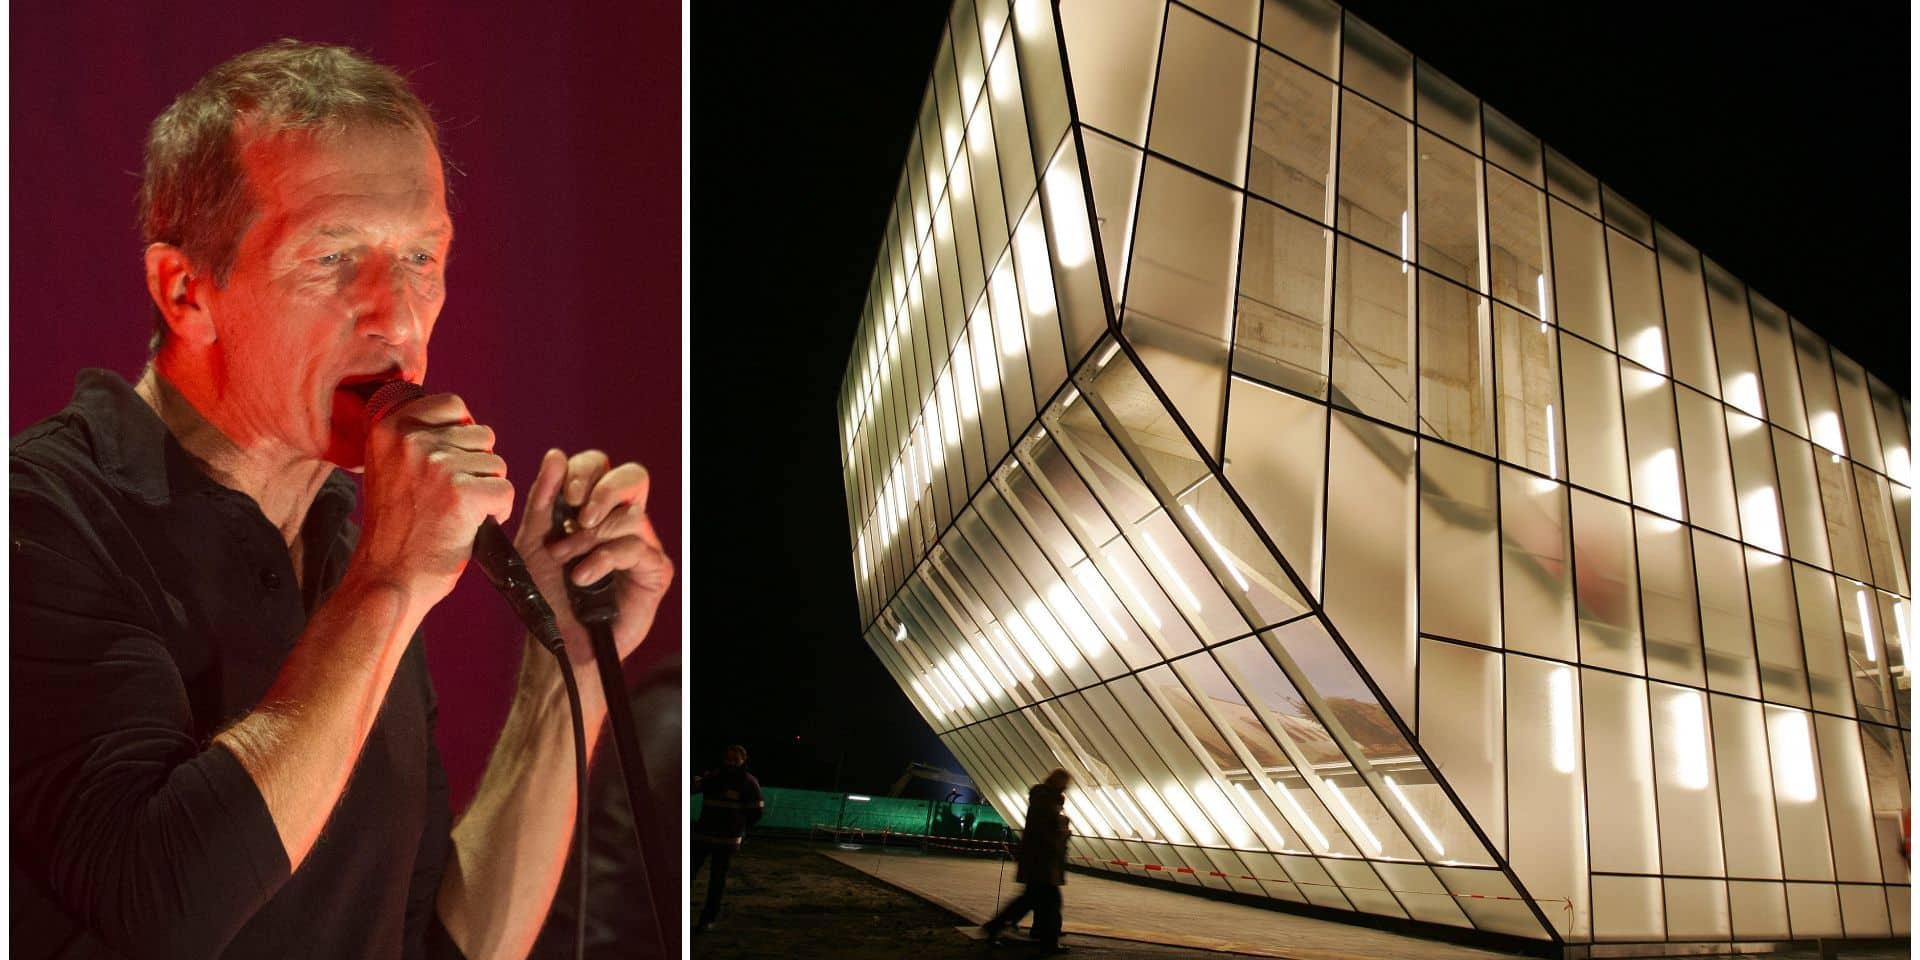 Miossec sur scène ce vendredi à Mons : un dernier concert avant de nouvelles mesures